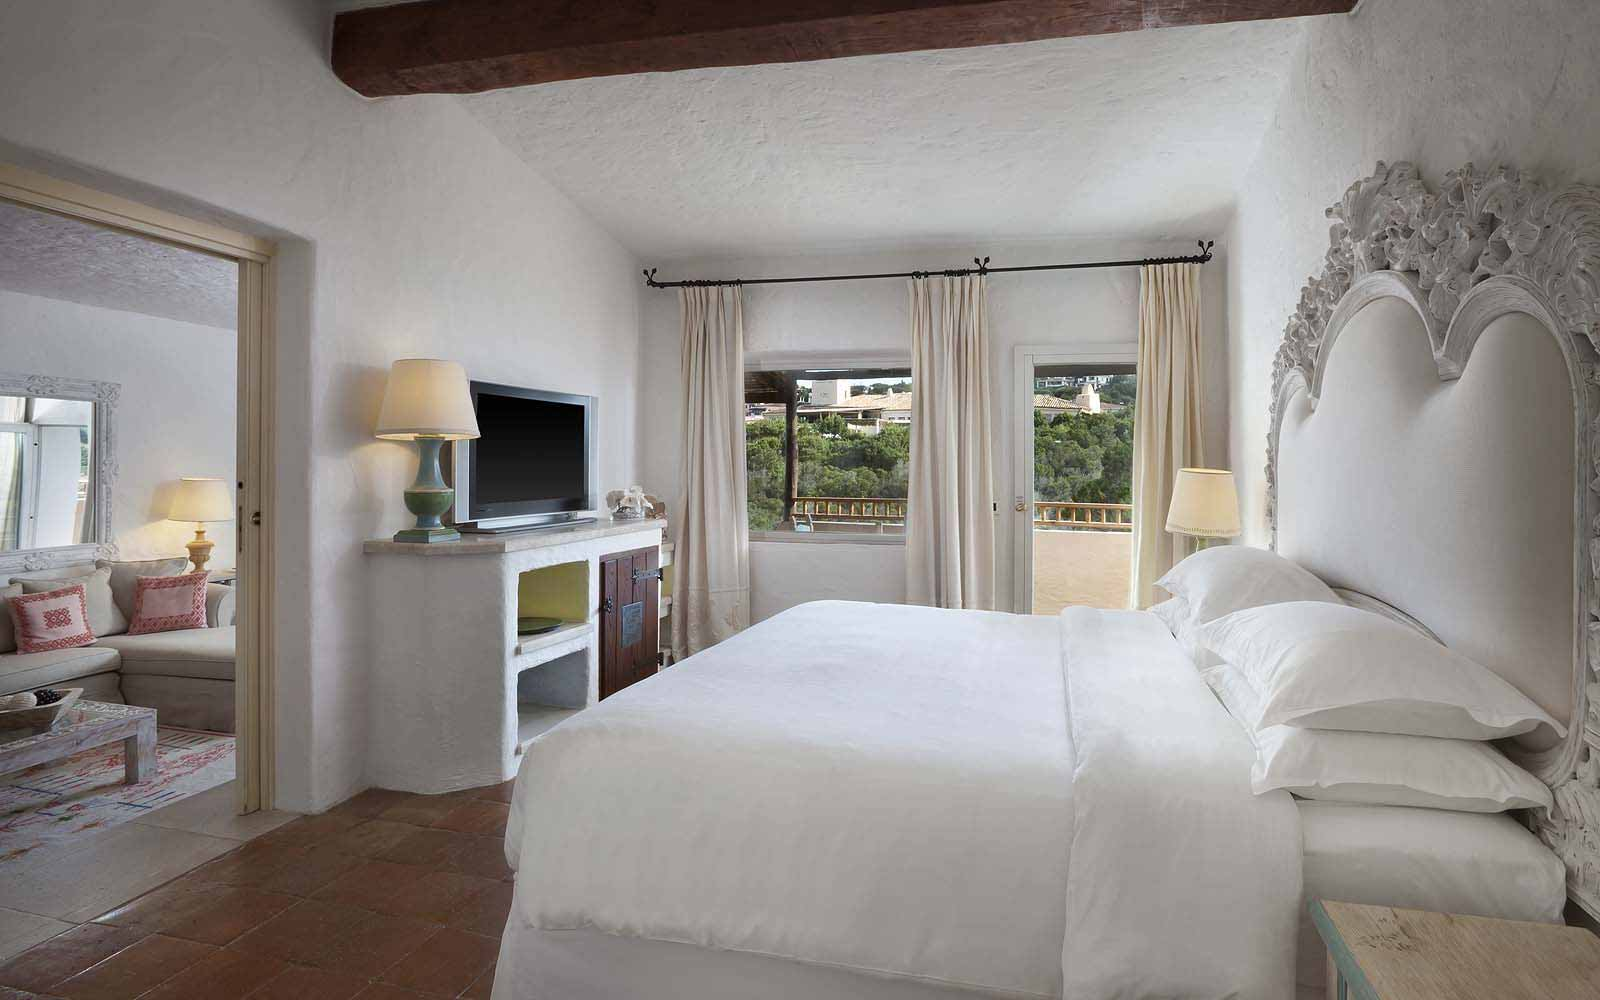 Premium Suite at the Hotel Cervo